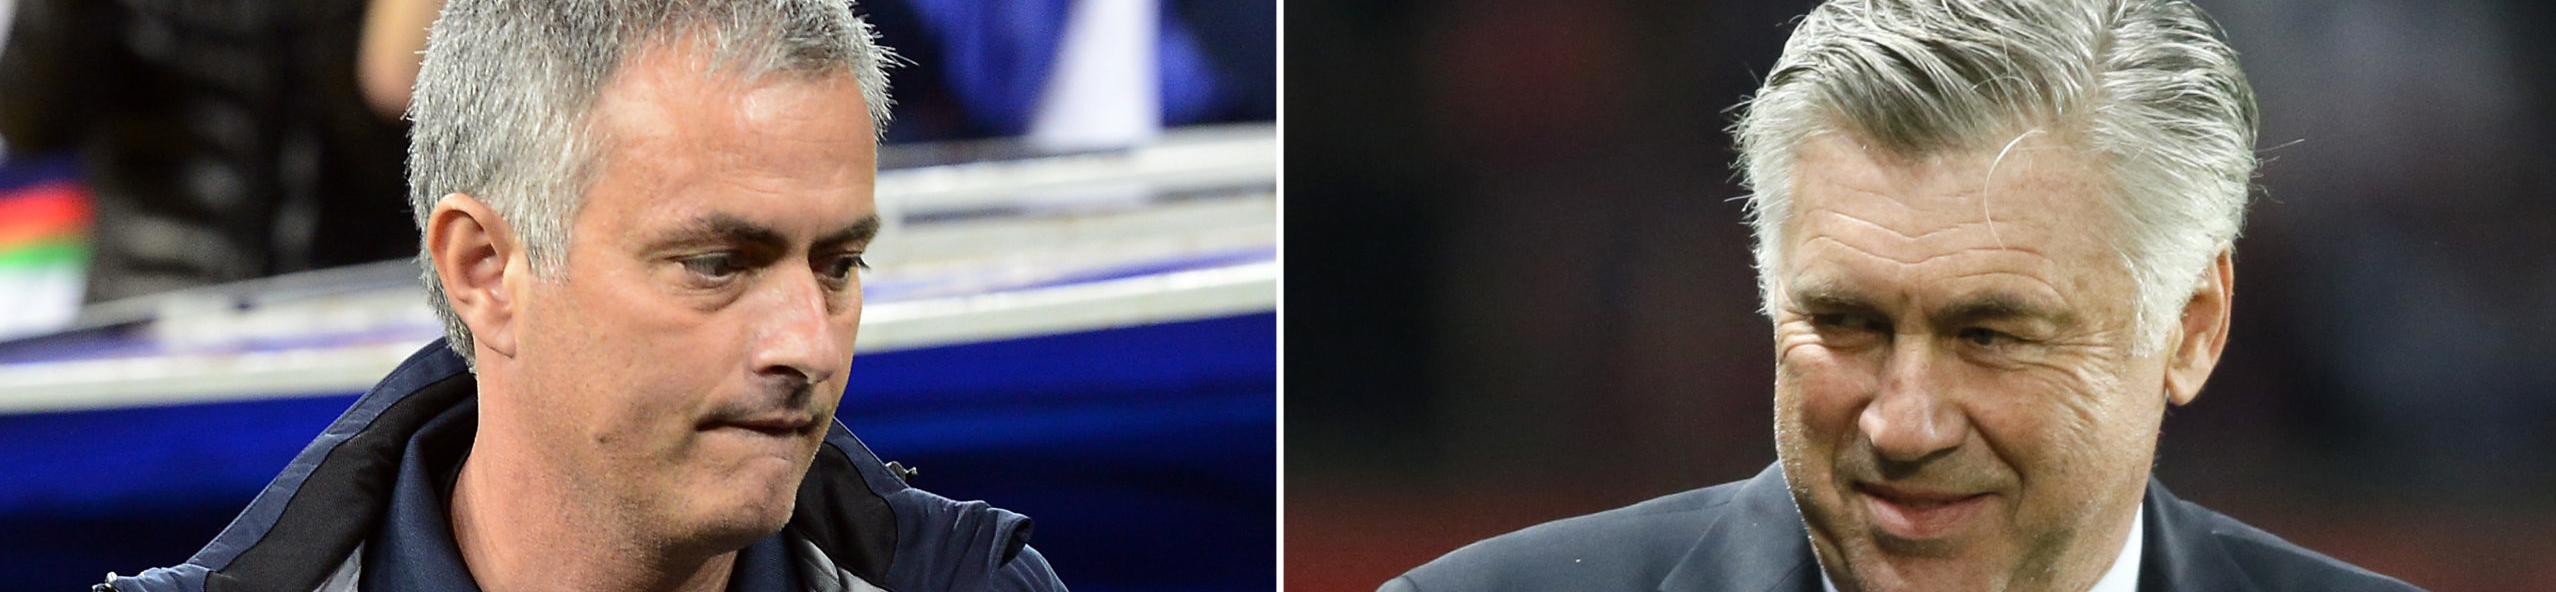 Scommesse sportive, il palinsesto bwin del 6/7/2020: Mourinho contro Ancelotti